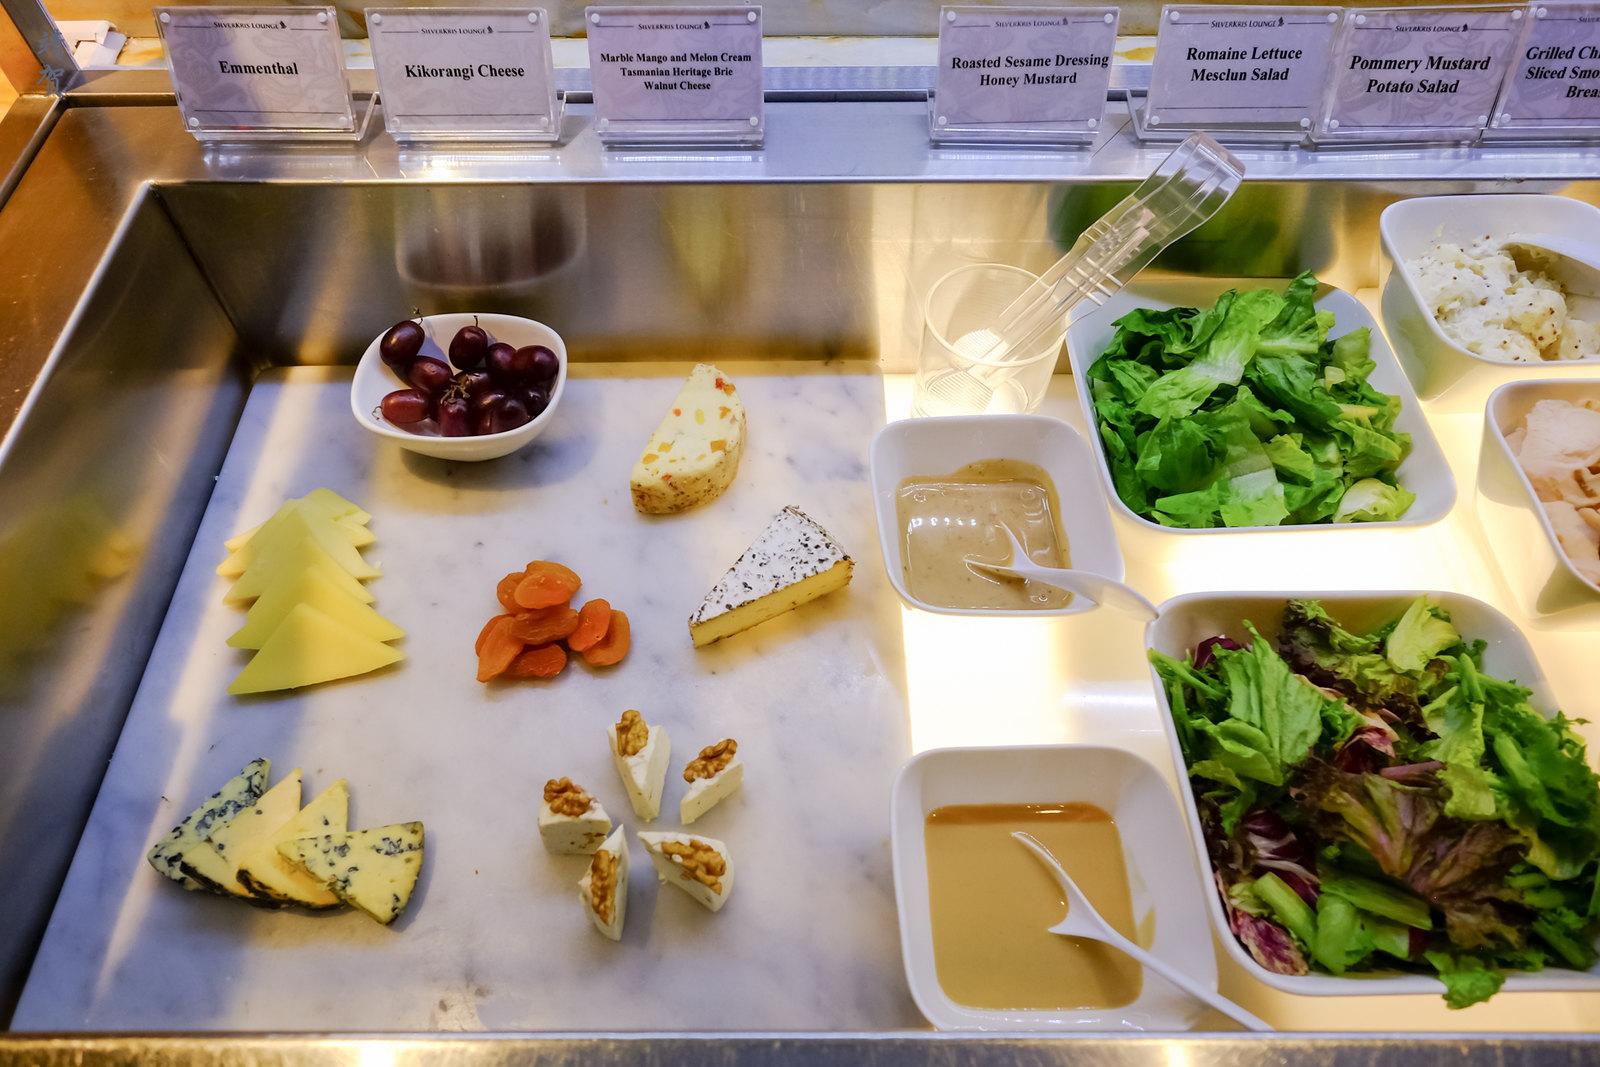 Cheese and salad bar